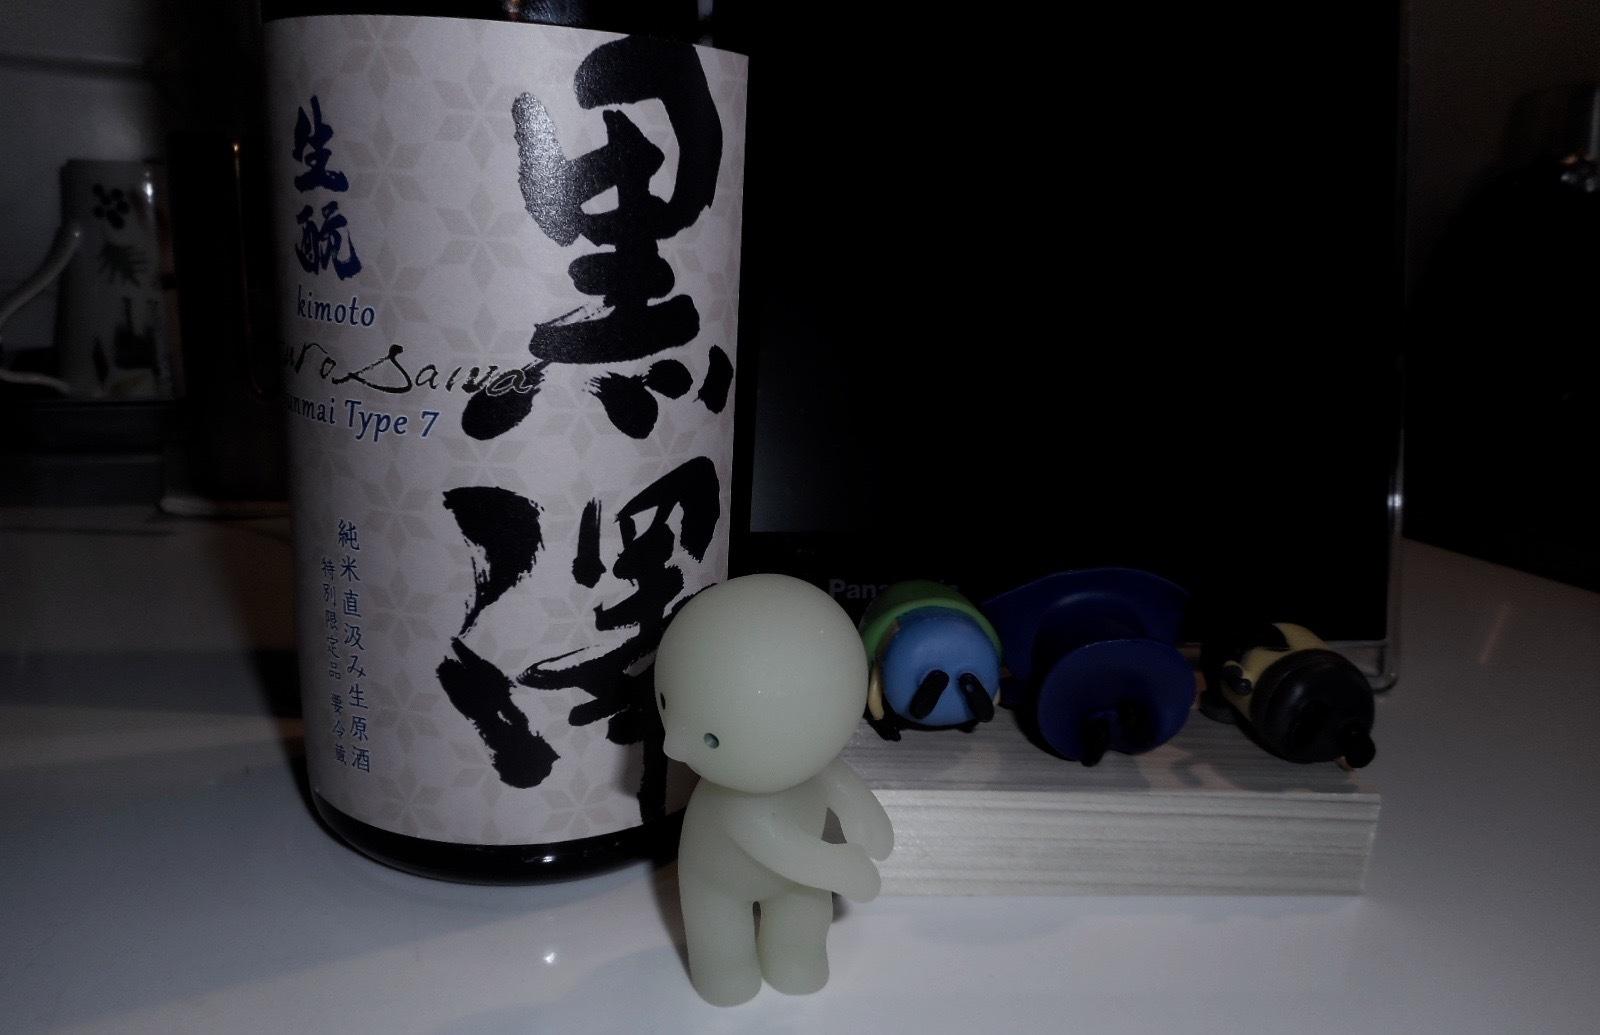 kurosawa_type7_28by11.jpg